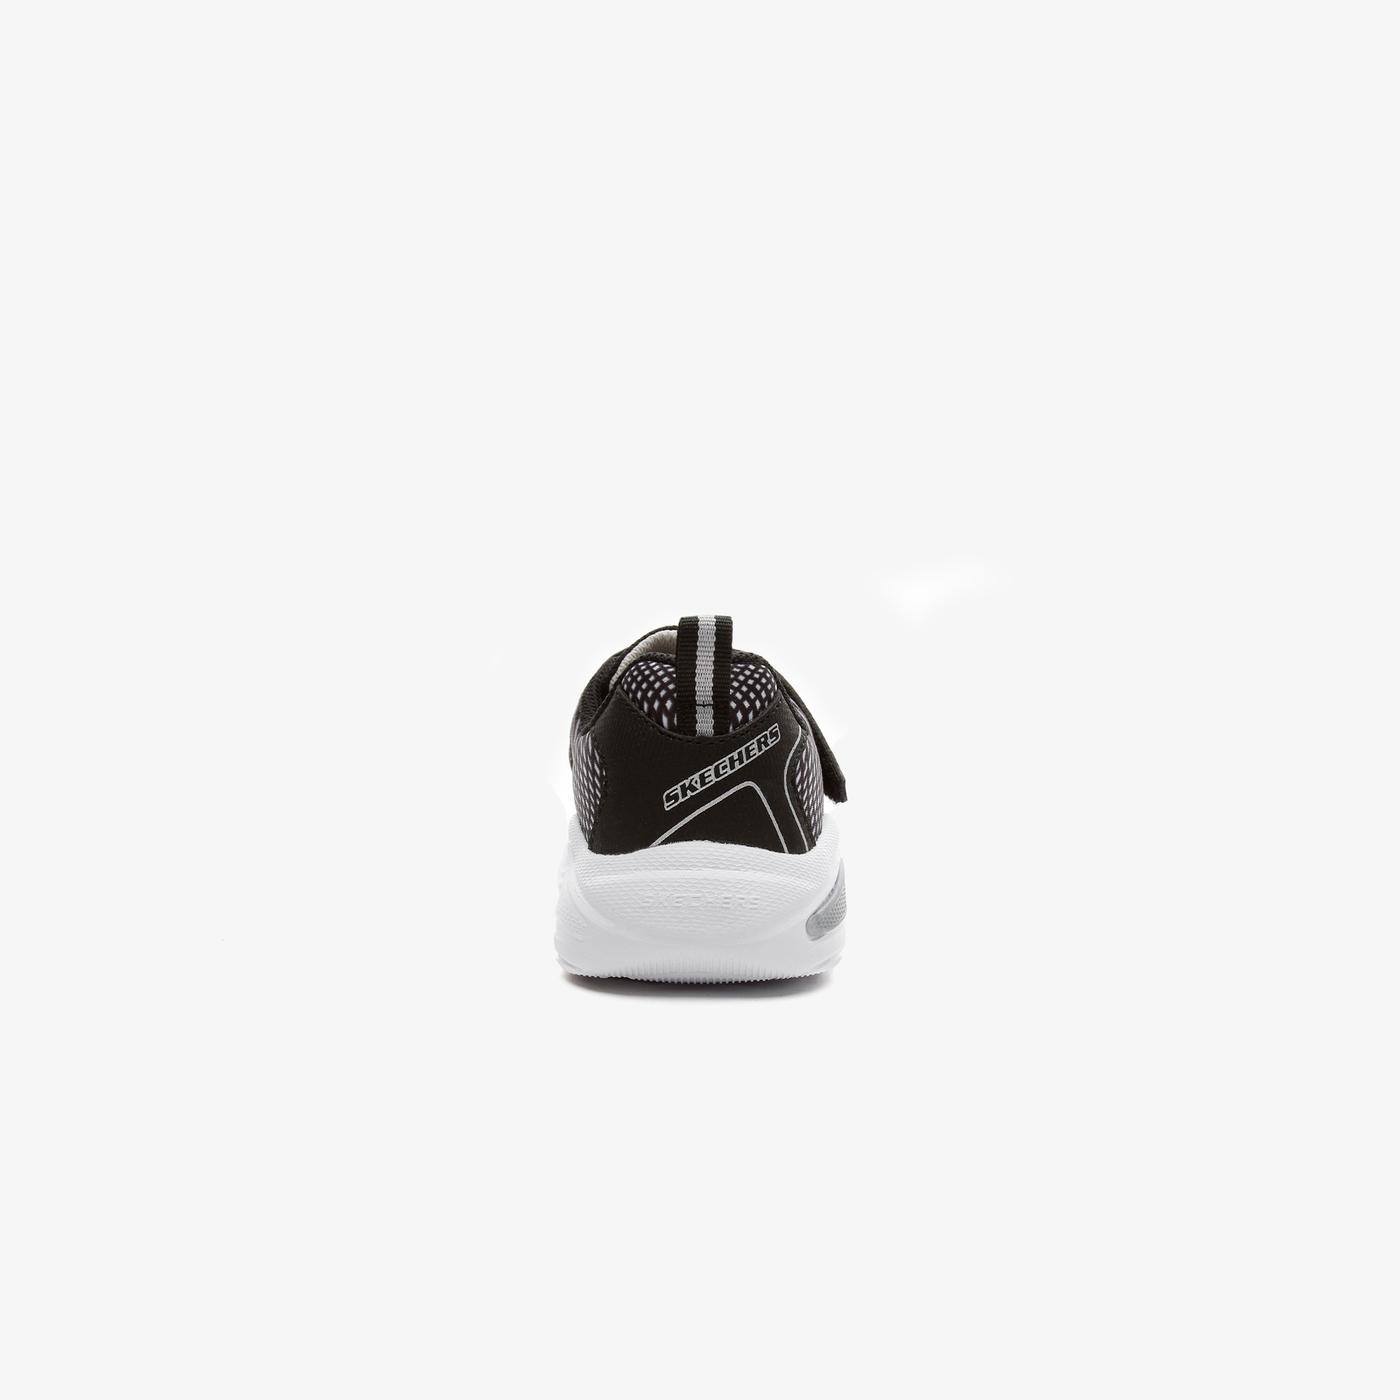 Skechers Erupters iv Çocuk Siyah Spor Ayakkabı